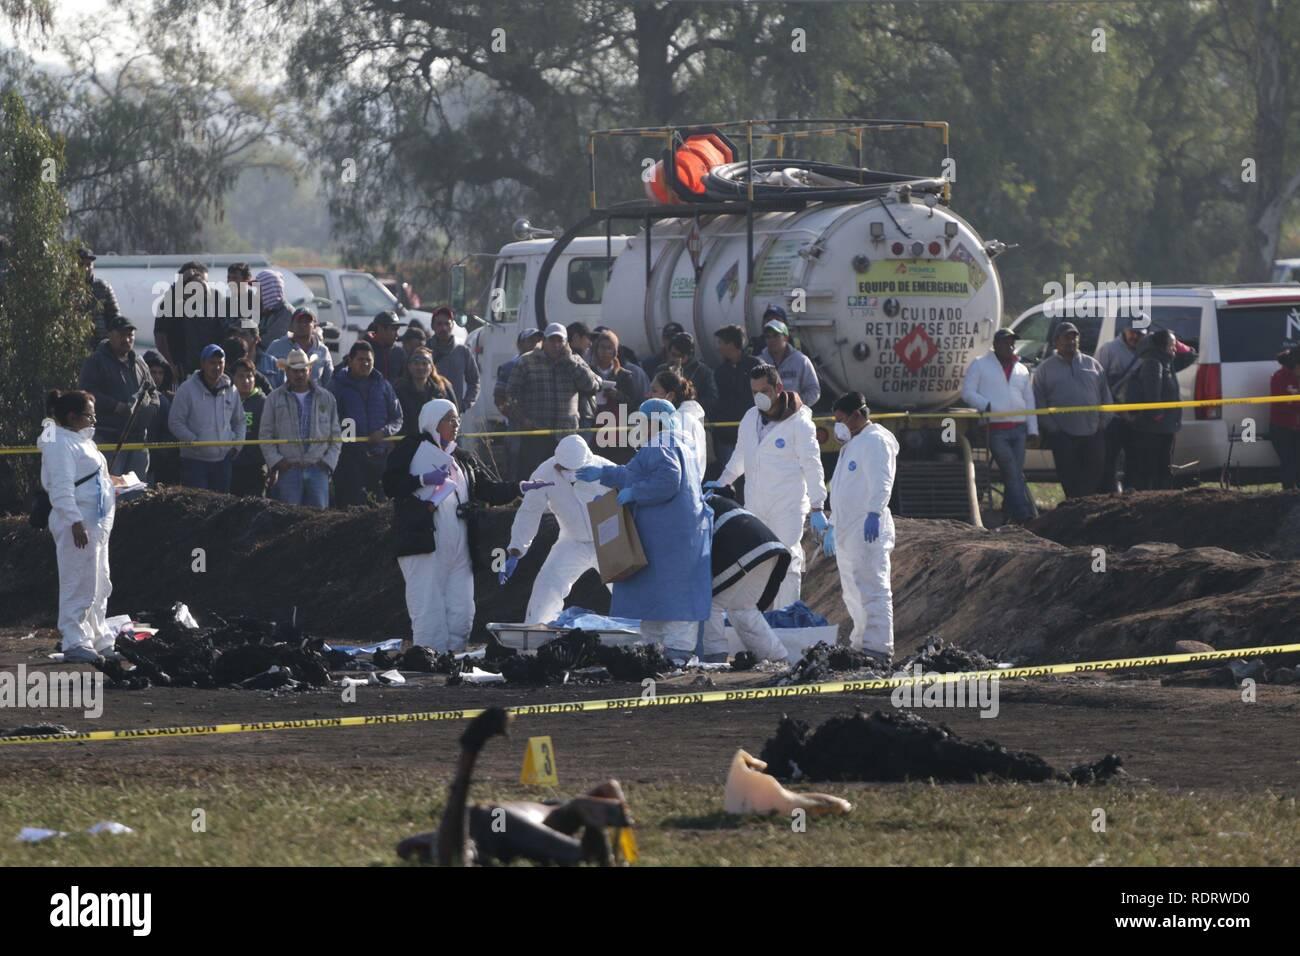 Tlahuililpan, Messico. Xix gen, 2019. Forensic funzionari lavorano in corrispondenza del sito a seguito dell'esplosione di un rubinetto illegale sul messicano oil company Pemex la pipeline in Tlahuilipan, dello stato di Hidalgo, Messico, 19 gennaio 2019. Almeno 66 persone sono morte e 76 altri sono stati feriti, secondo fonti ufficiali. Credito: Jorge Dan Lopez/EFE/Alamy Live News Immagini Stock